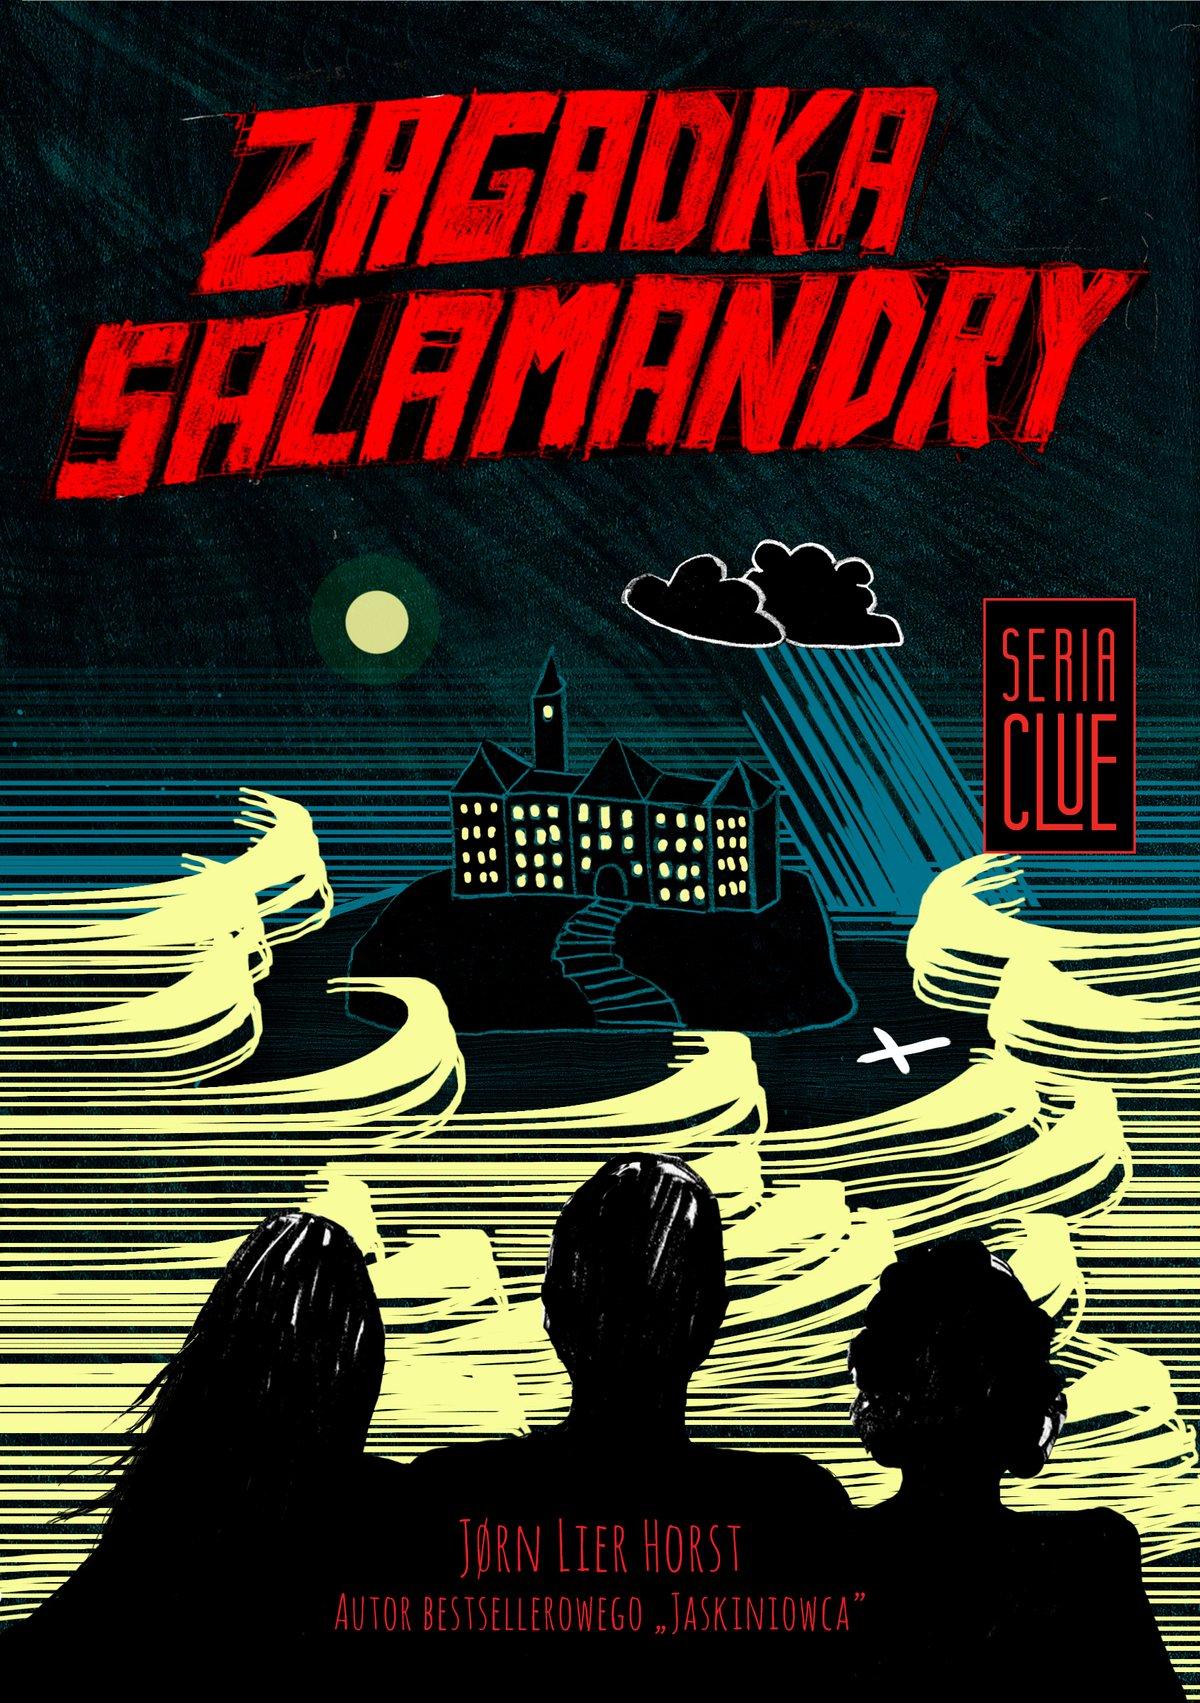 Zagadka salamandry - Ebook (Książka EPUB) do pobrania w formacie EPUB